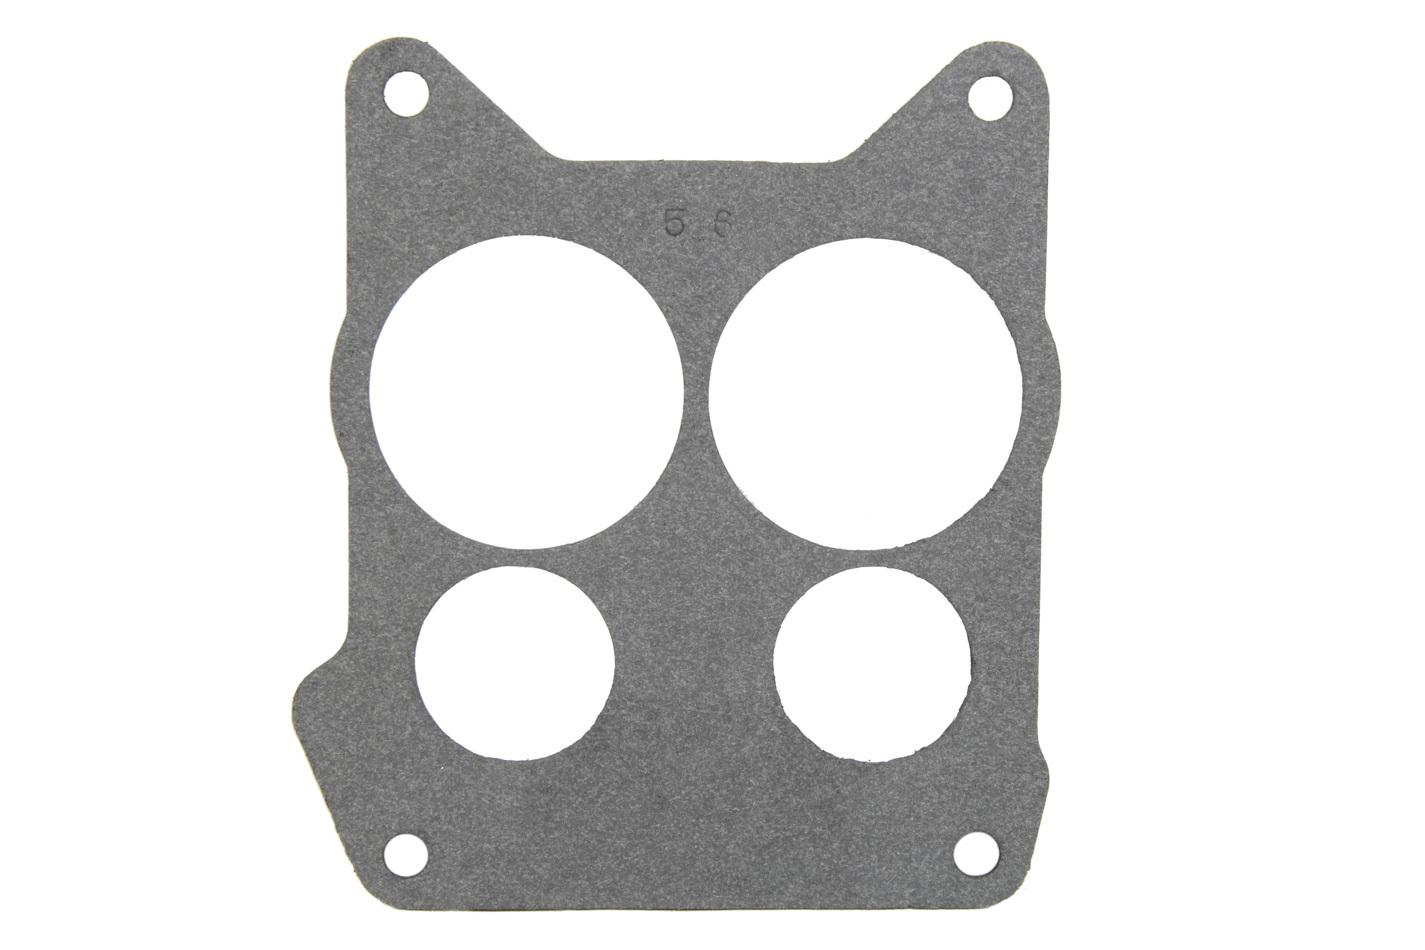 Mr Gasket 56 Carburetor Base Plate Gasket, 4-Barrel, 4 Hole, Composite, Spread Bore, Each